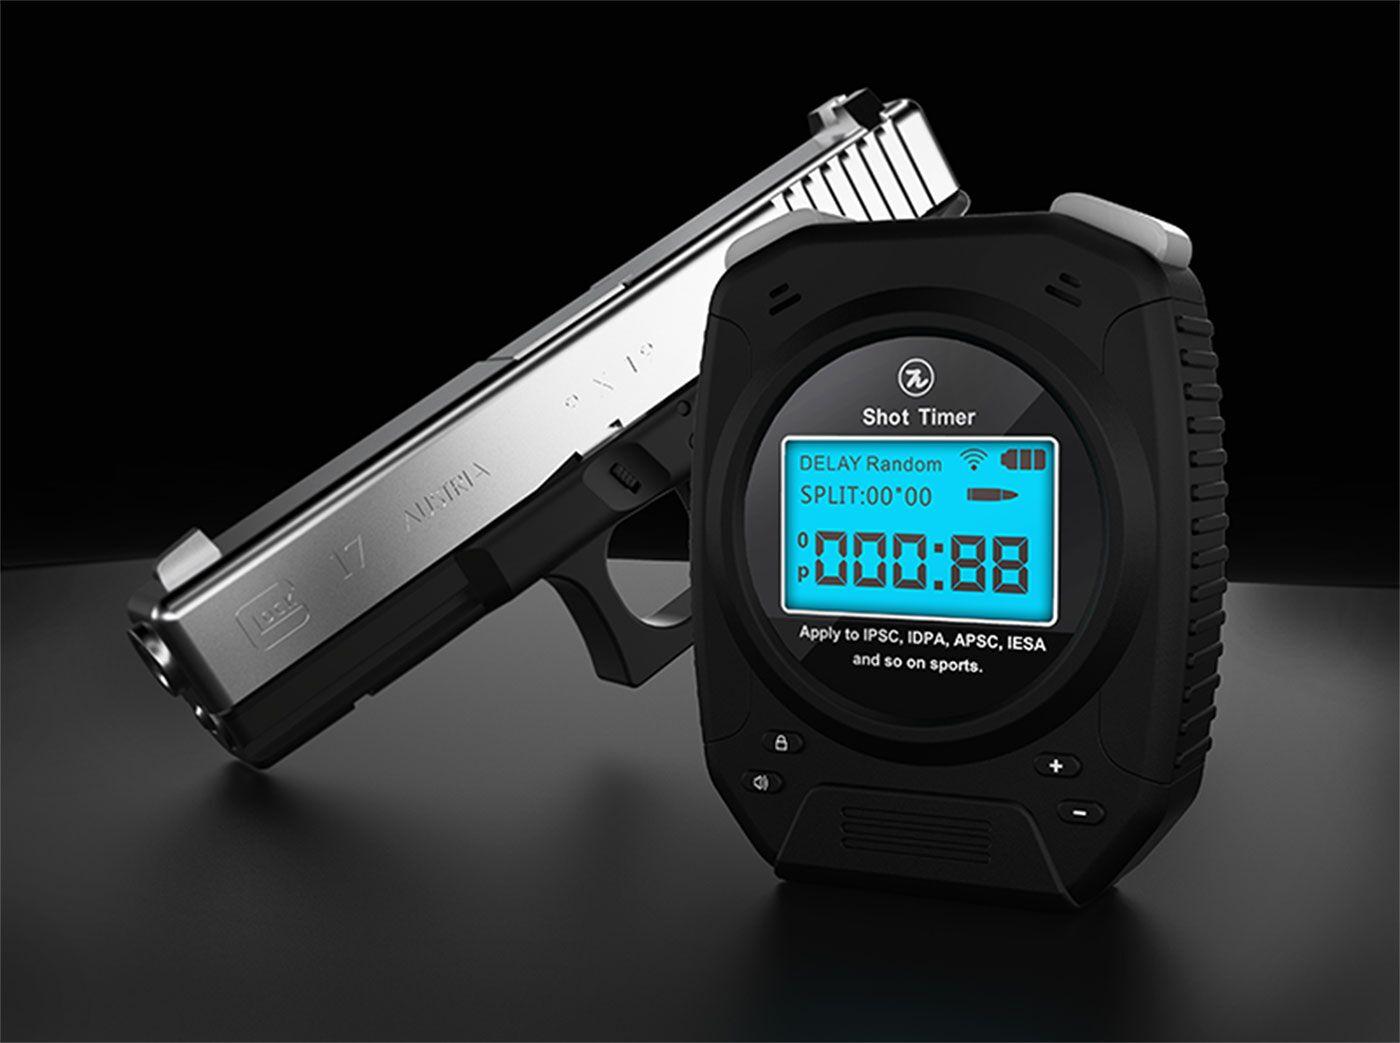 MIA2 shot timer